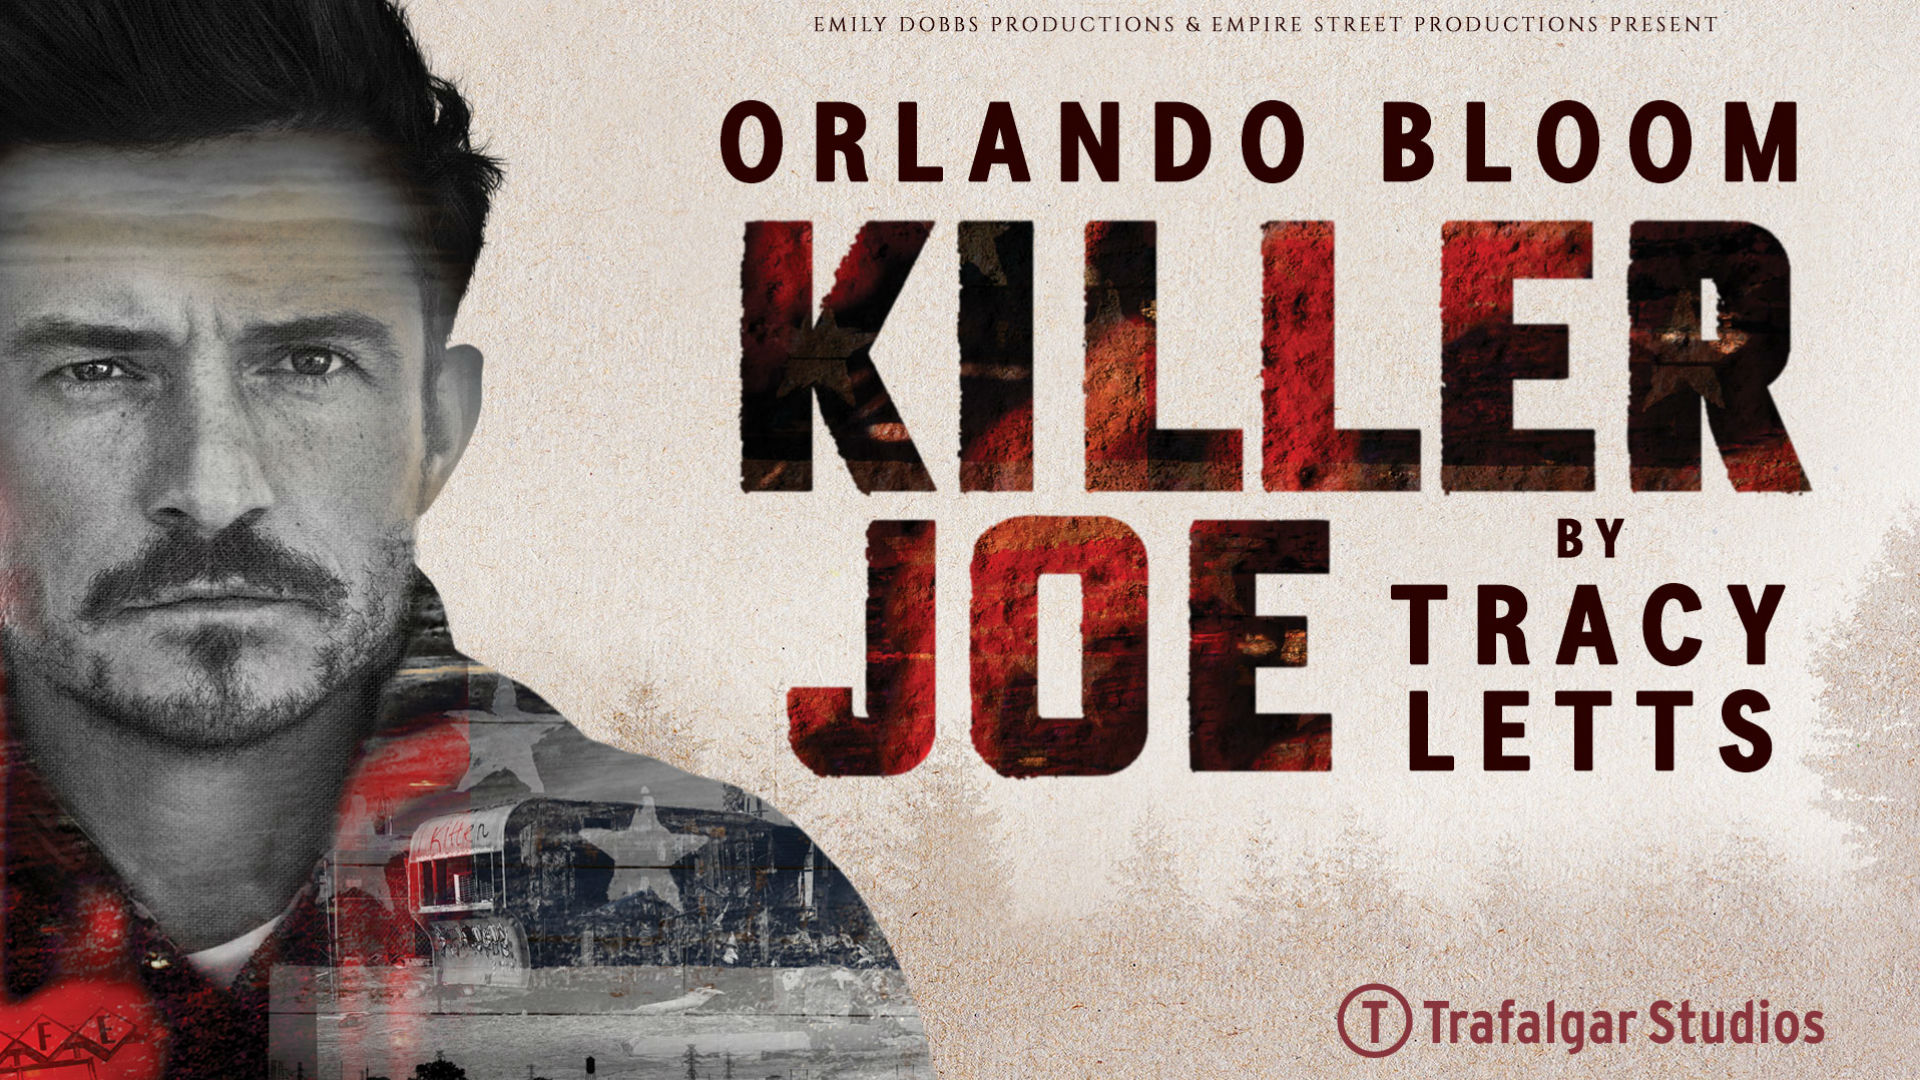 Orlando Bloom stars in Killer Joe